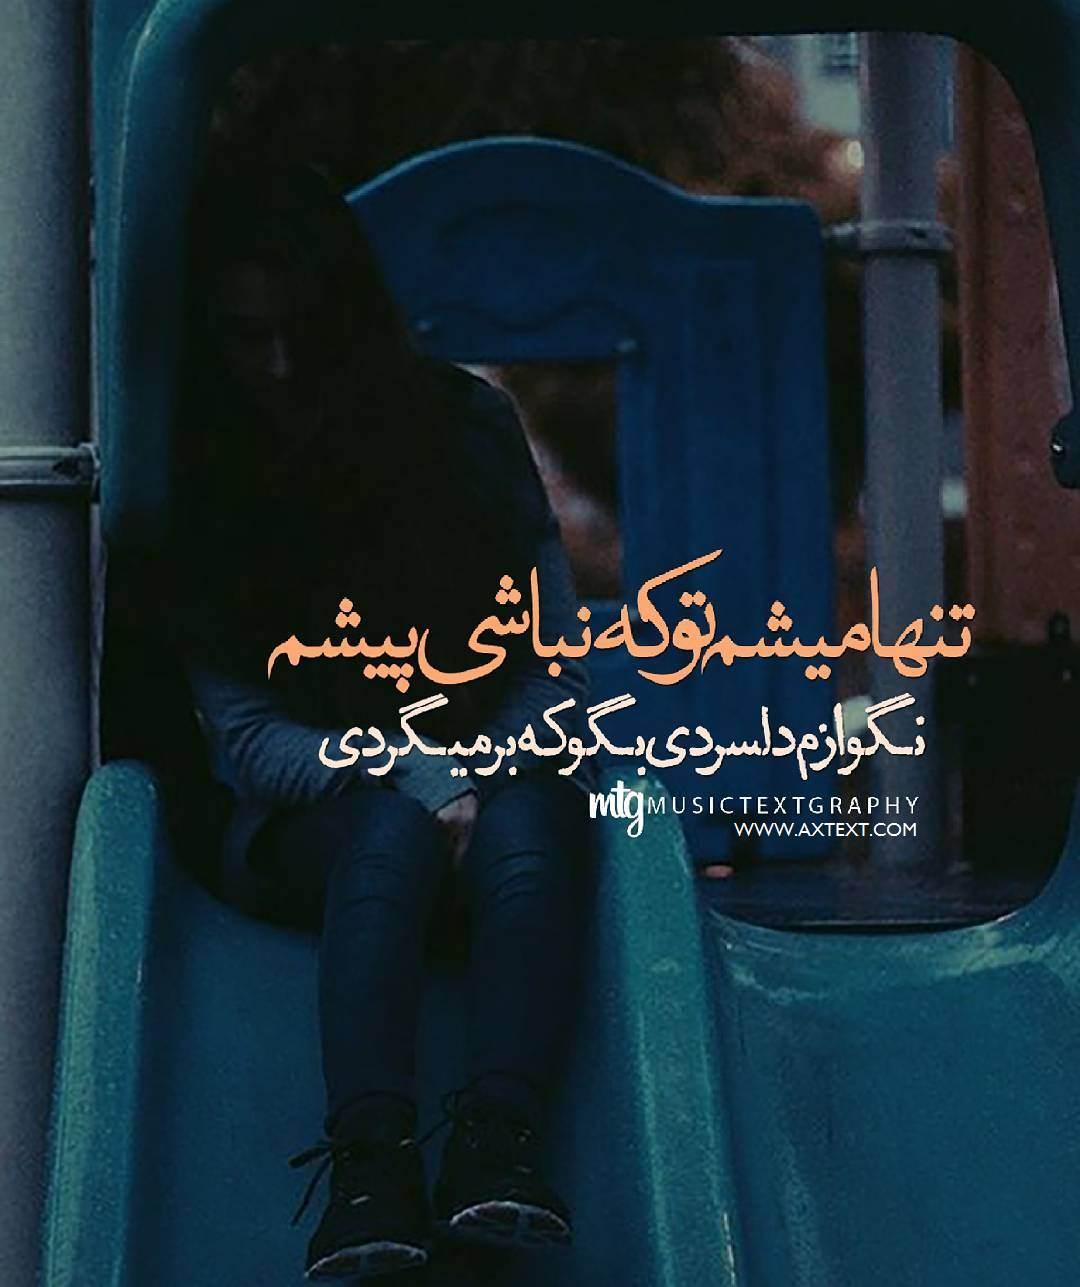 تنها میشم تو که نباشی پیشم